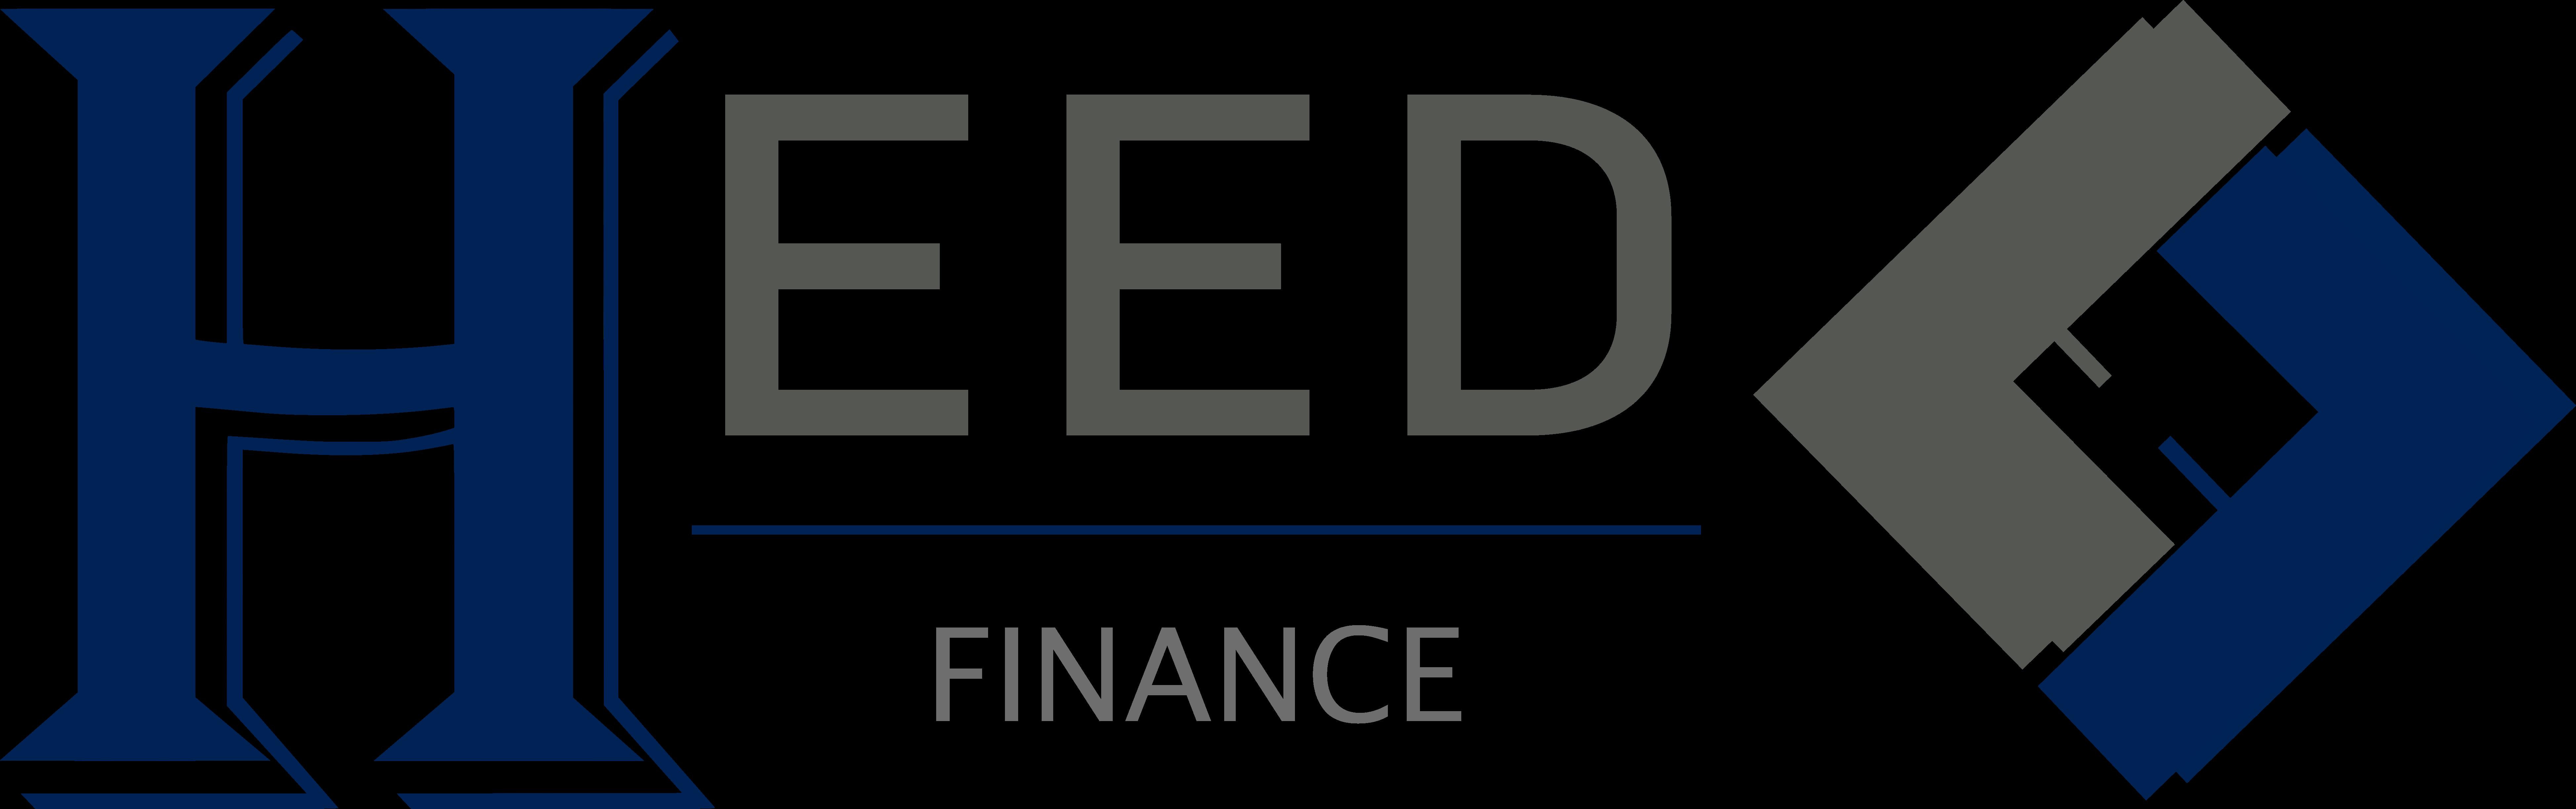 HEED-Finance